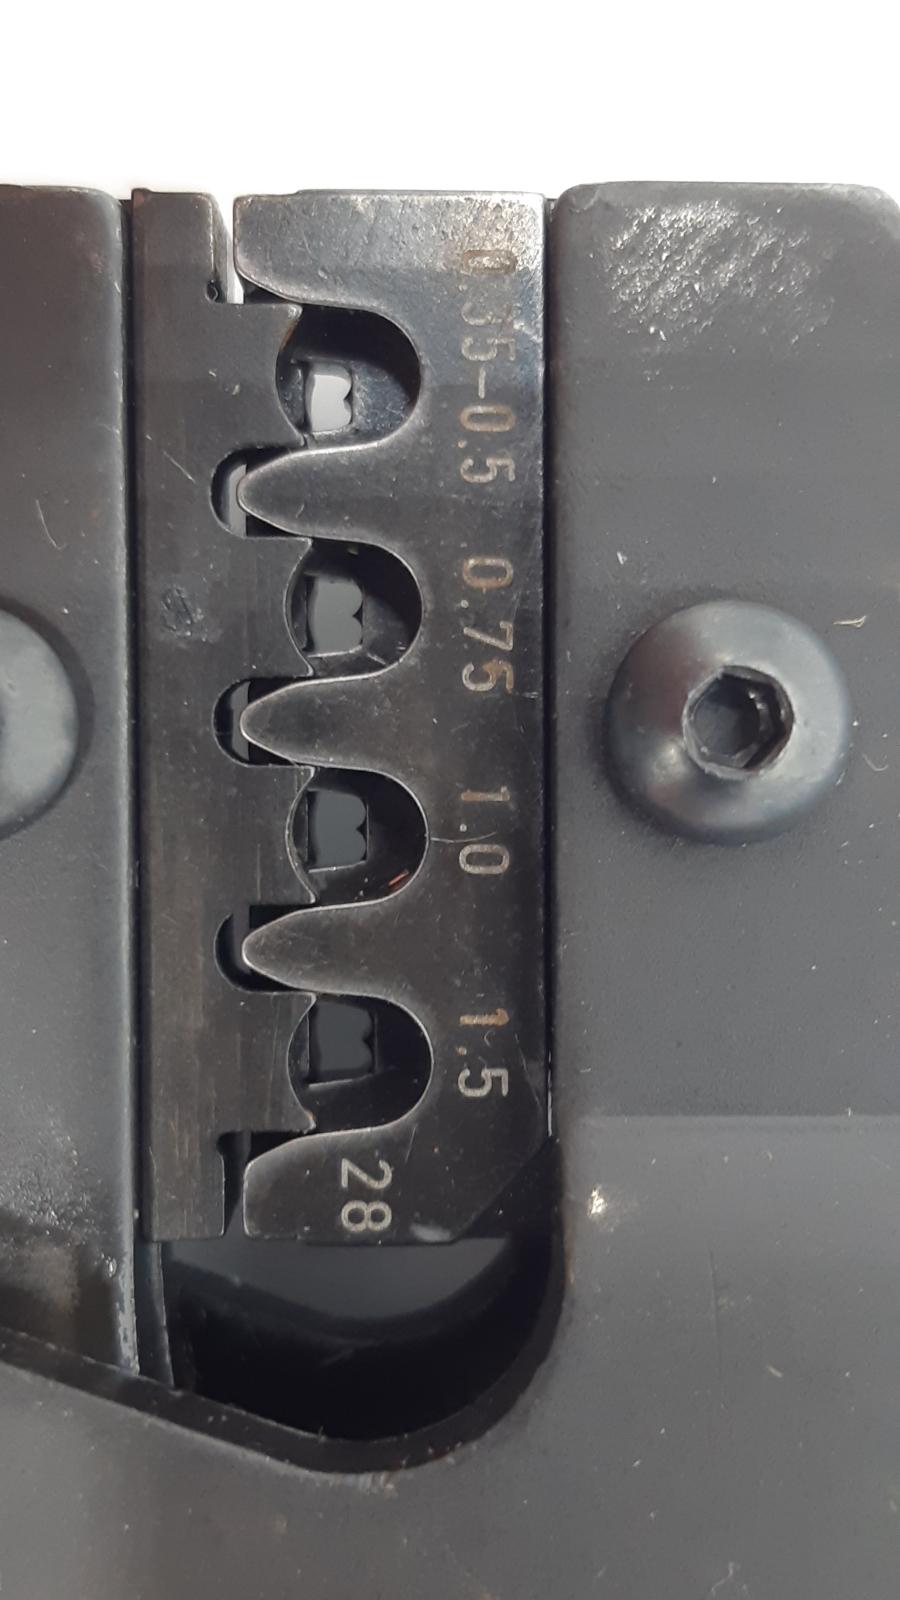 Angaben für den Kabelquerschnitt beim AMP Superseal. Gut ist die F-Crimp-Form bei der hinteren Reihe zu sehen.